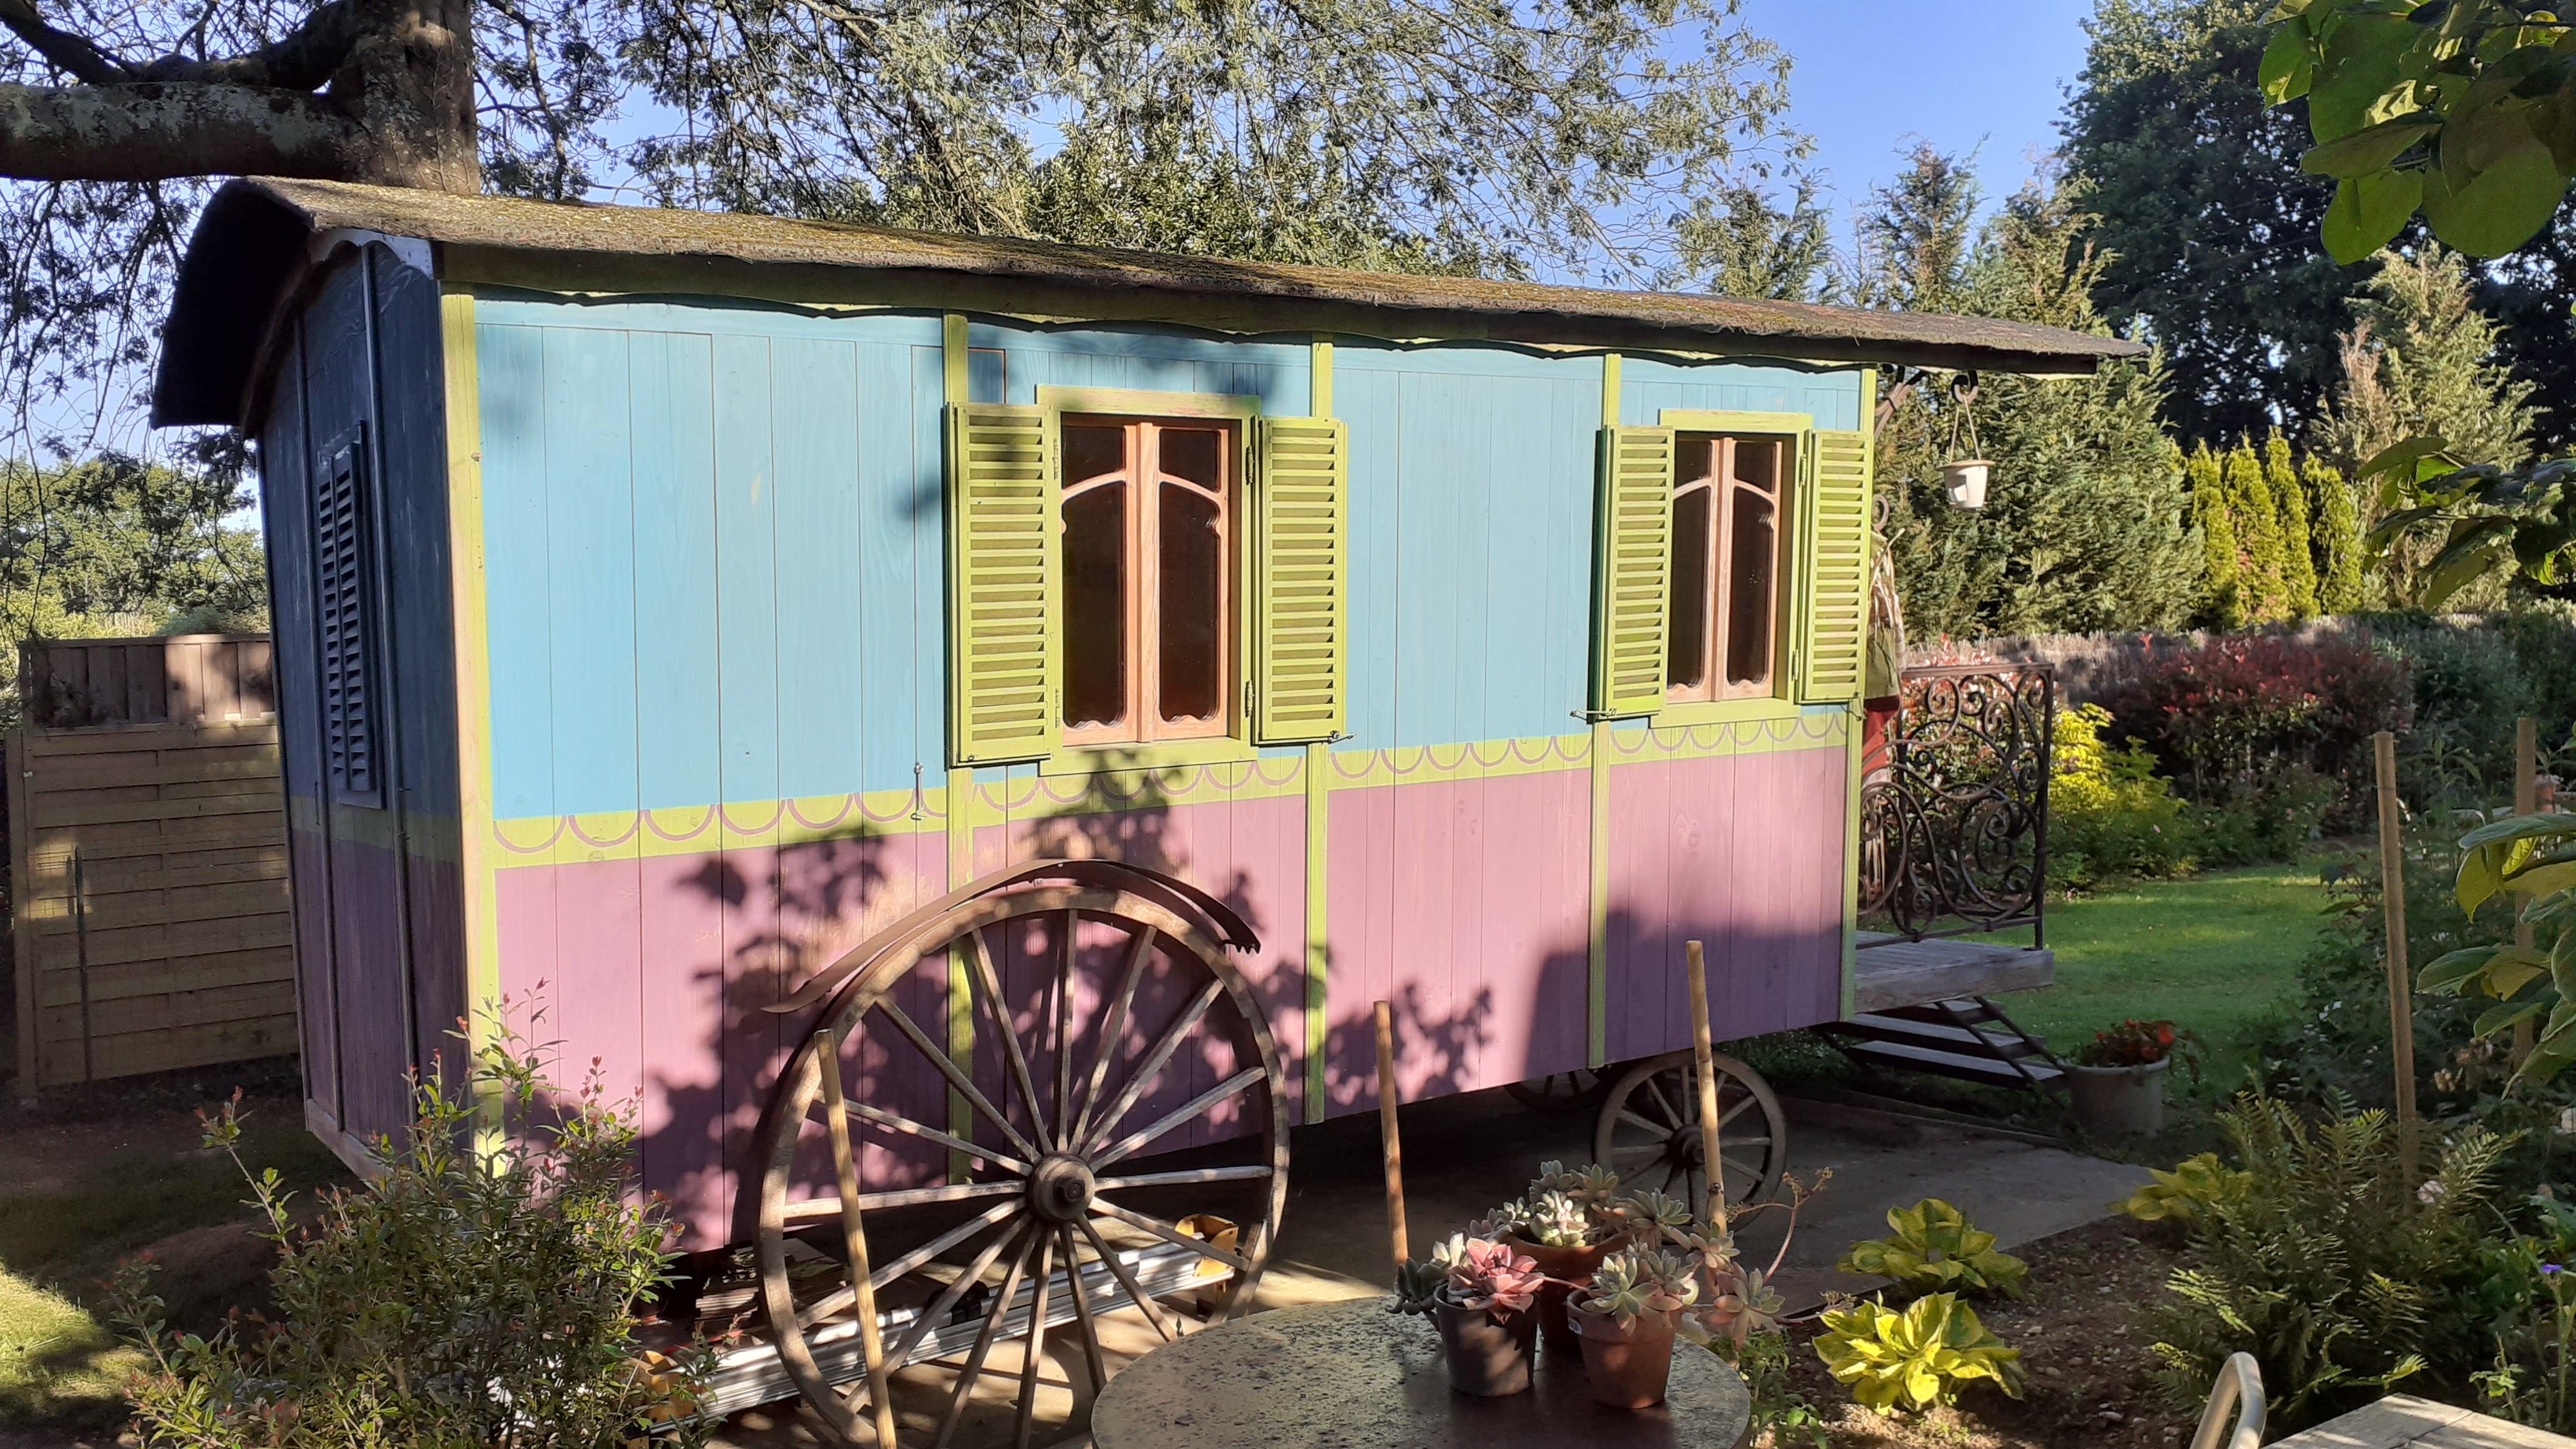 La roulotte en deux couleurs présente deux fenêtres